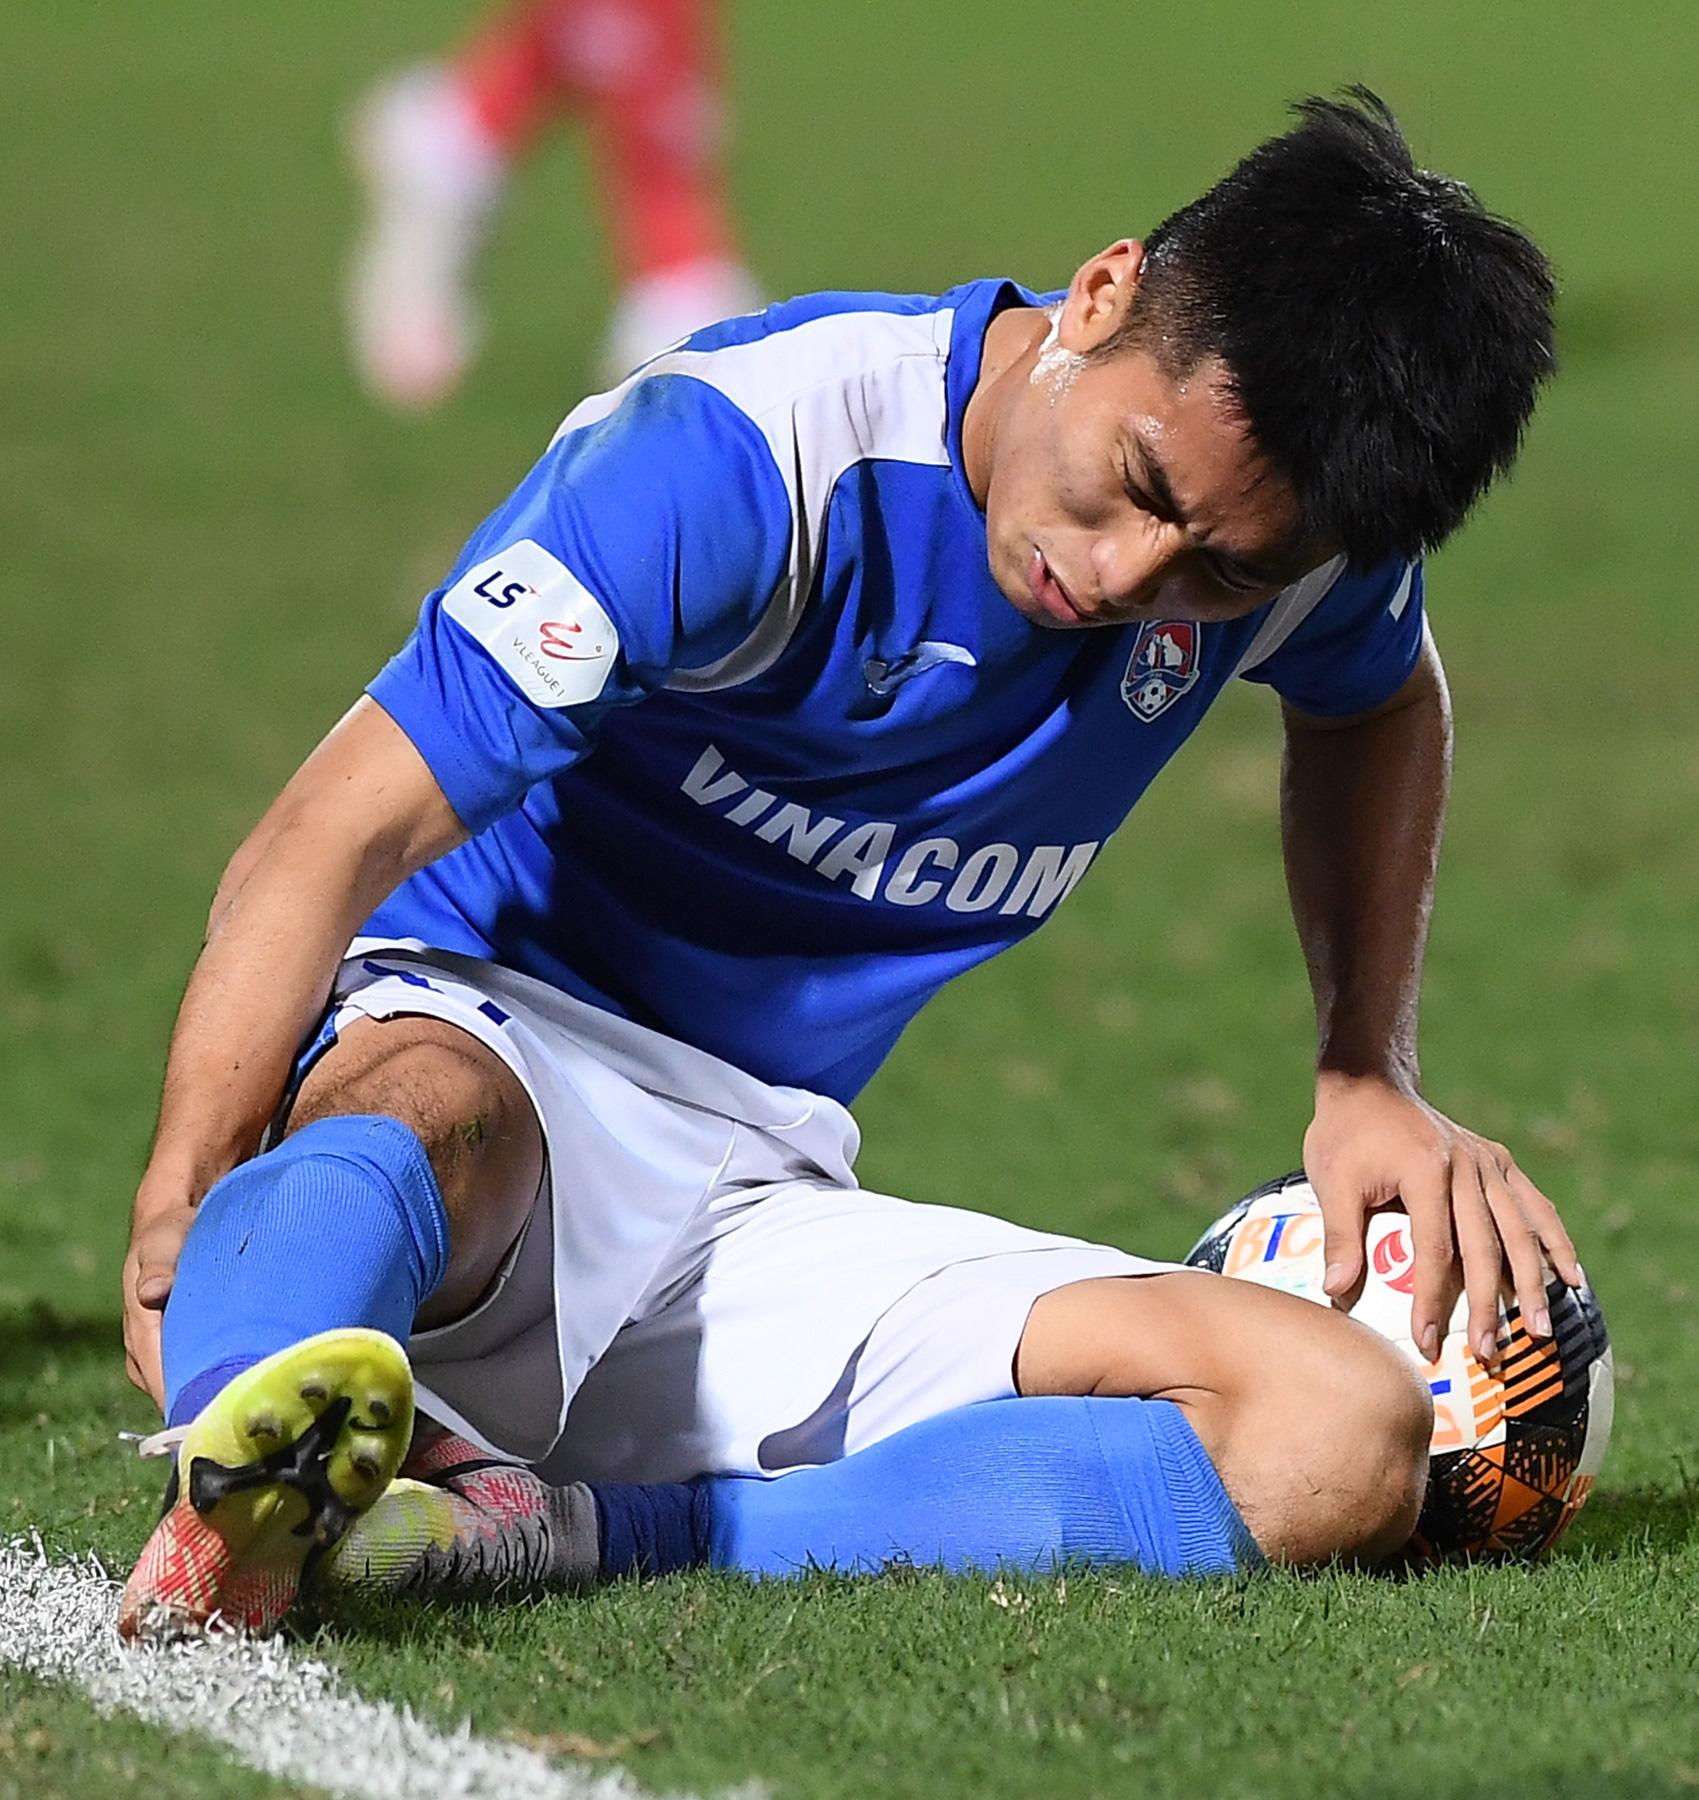 Cầu thủ điển trai được đề cử cho HLV Park Hang-seo khiến tất cả giật mình vì nằm ôm bụng dưới và cái kết thở phào - Ảnh 7.